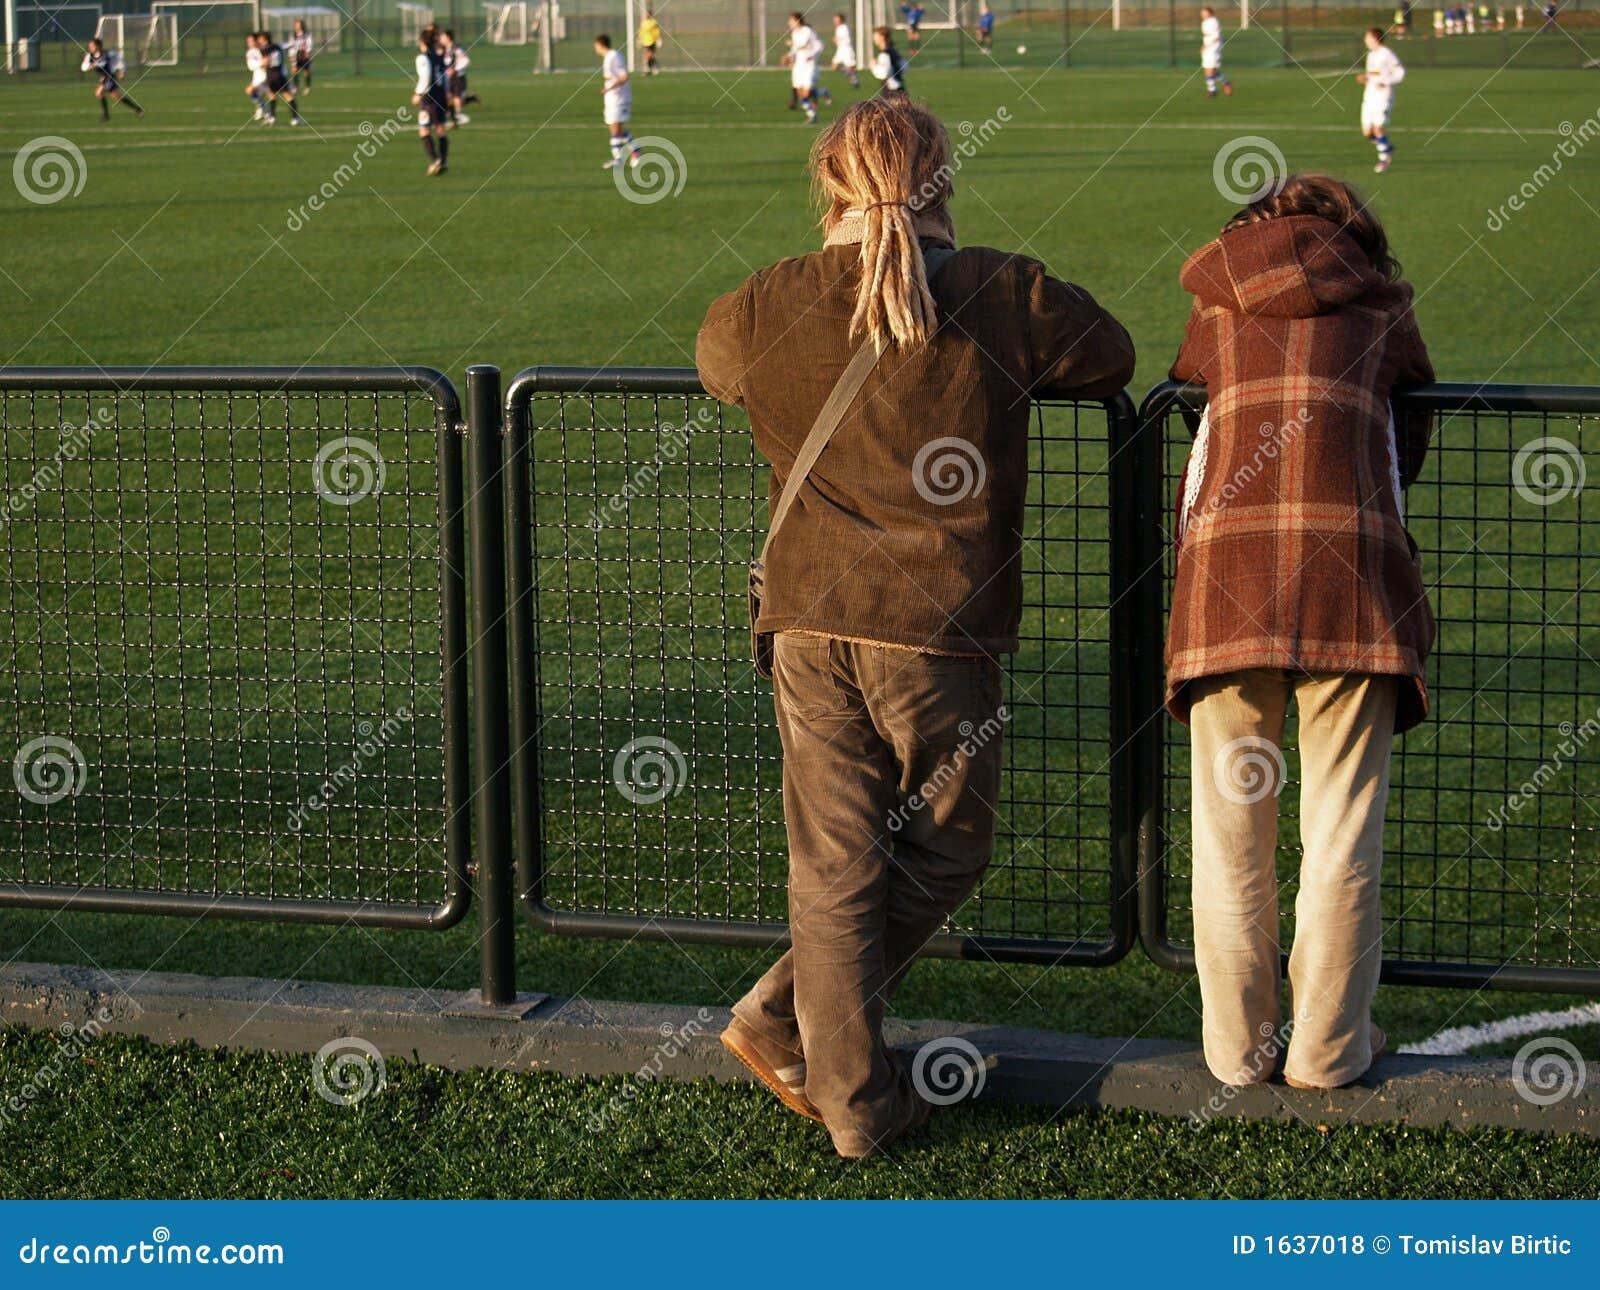 Het Letten op van het paar het Spel van het Voetbal